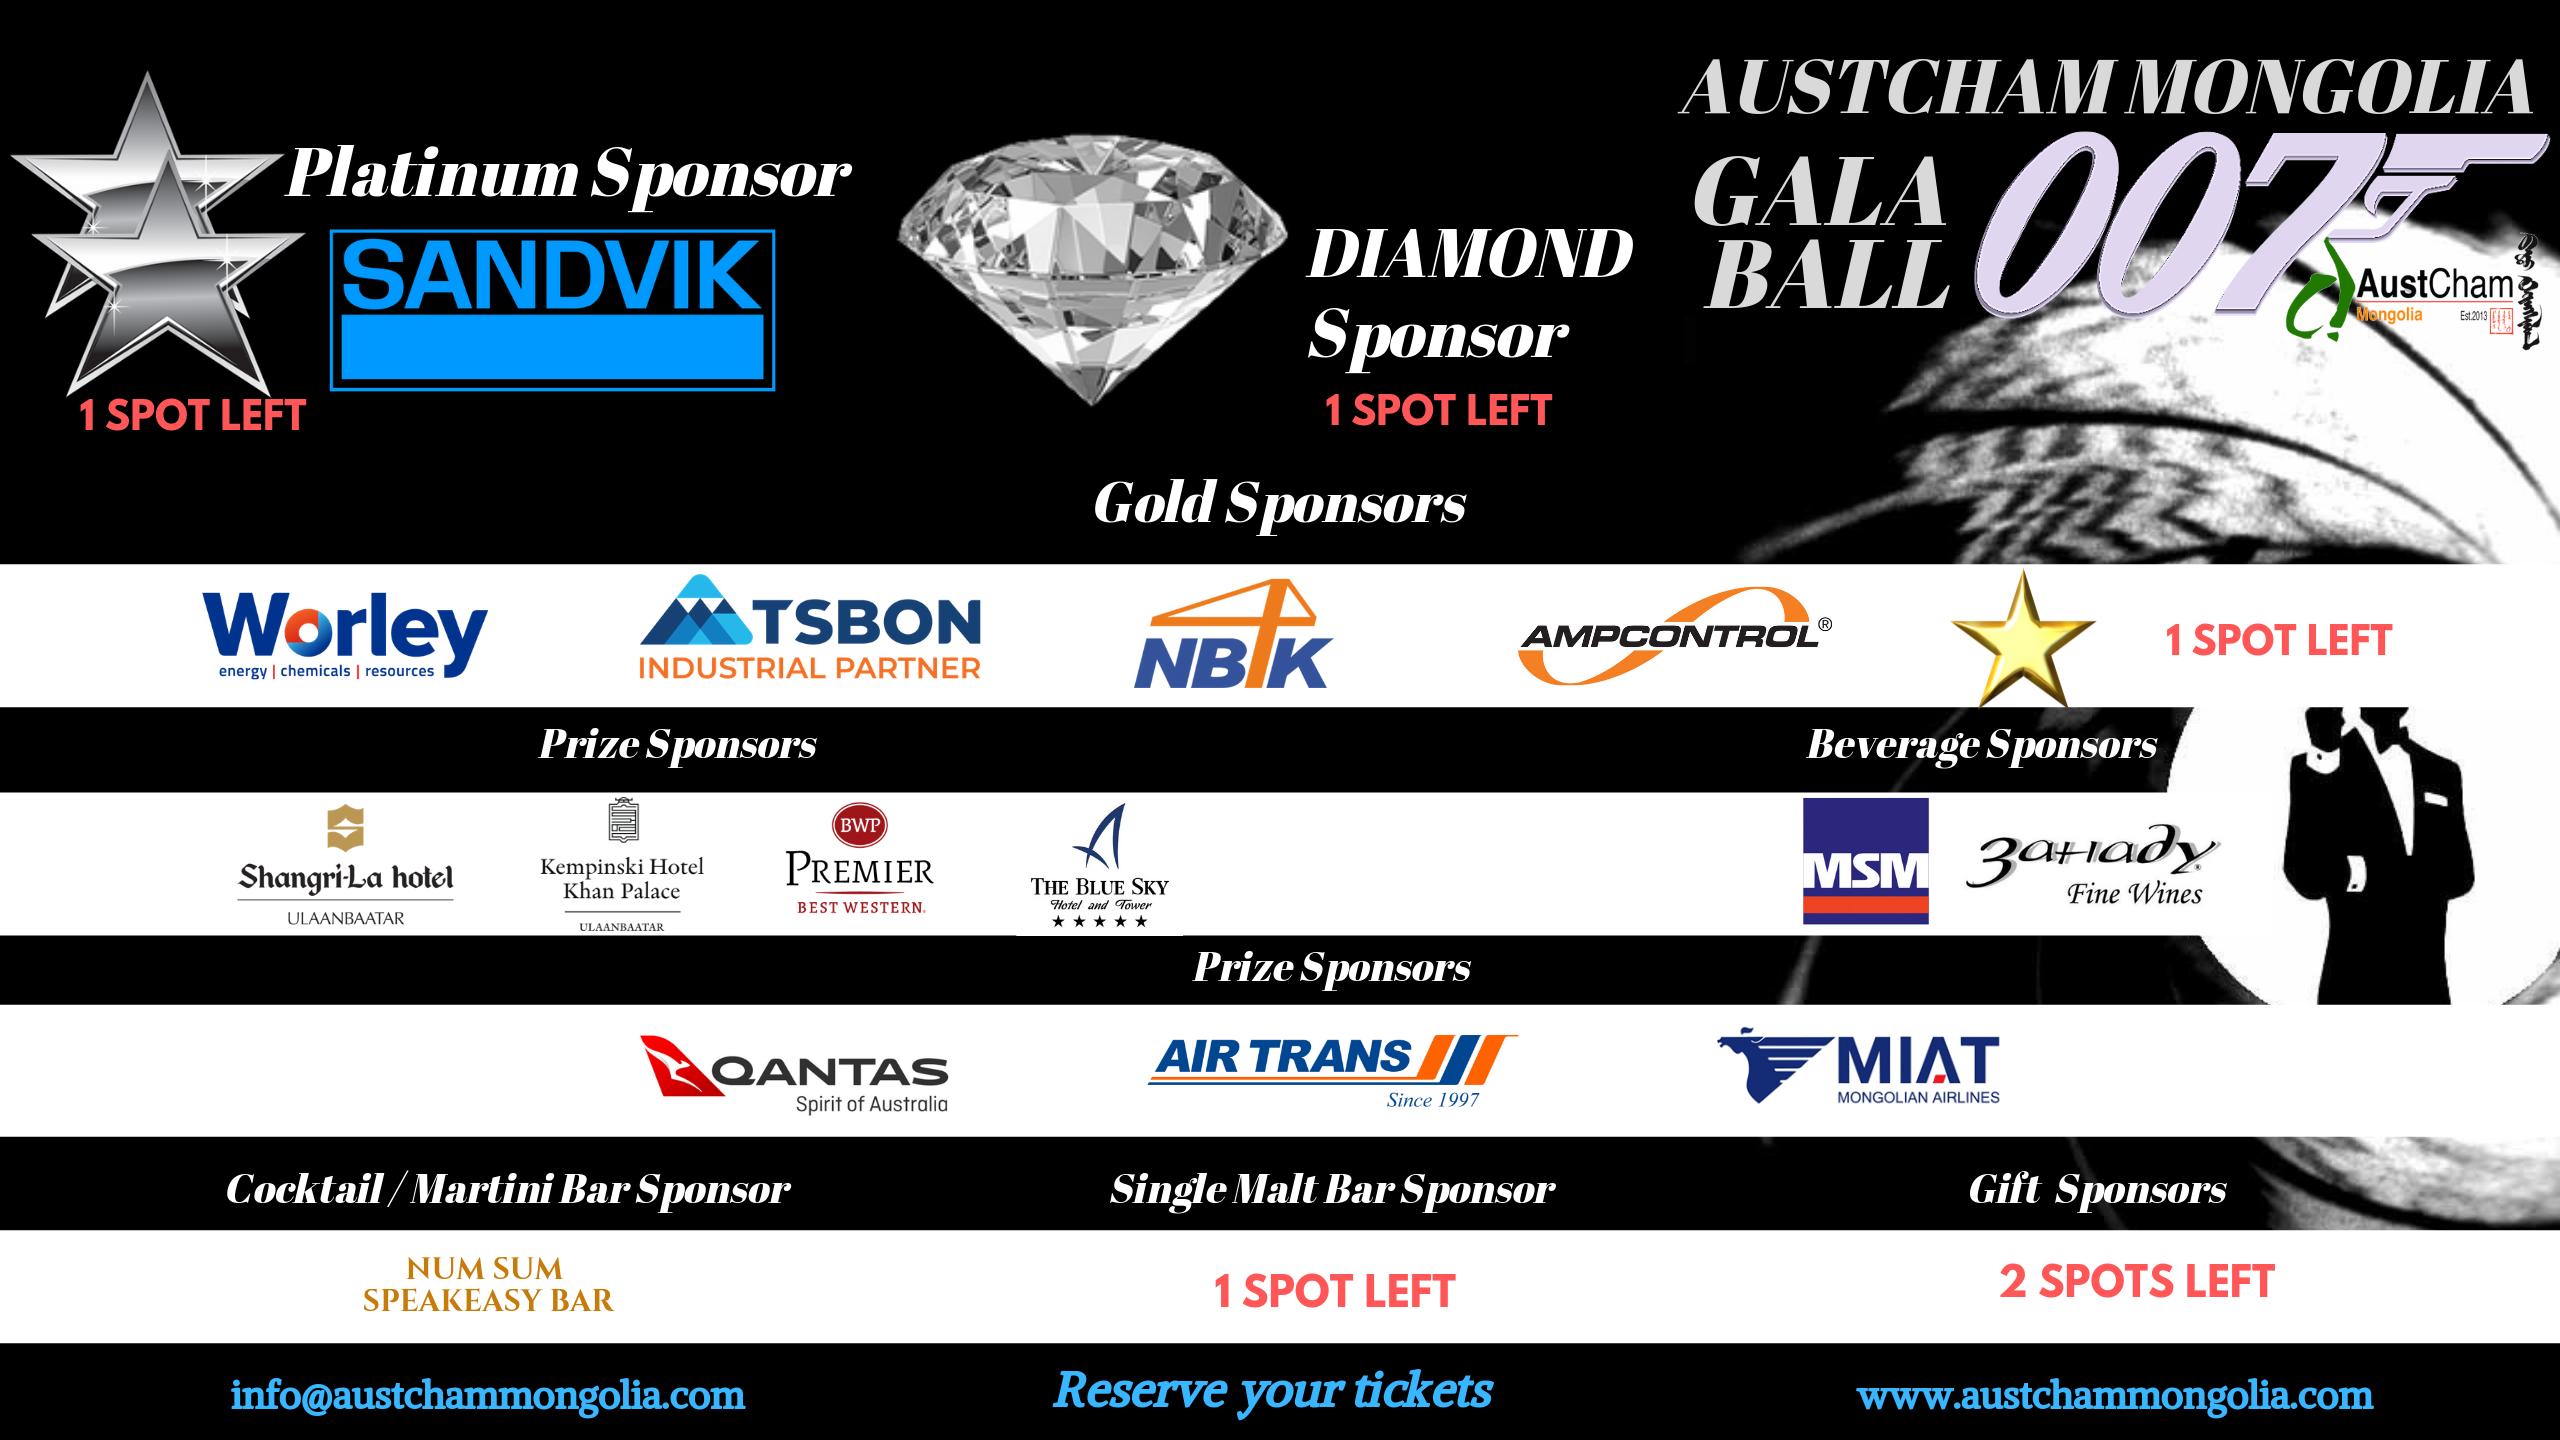 All-sponsors-flyer-007-2